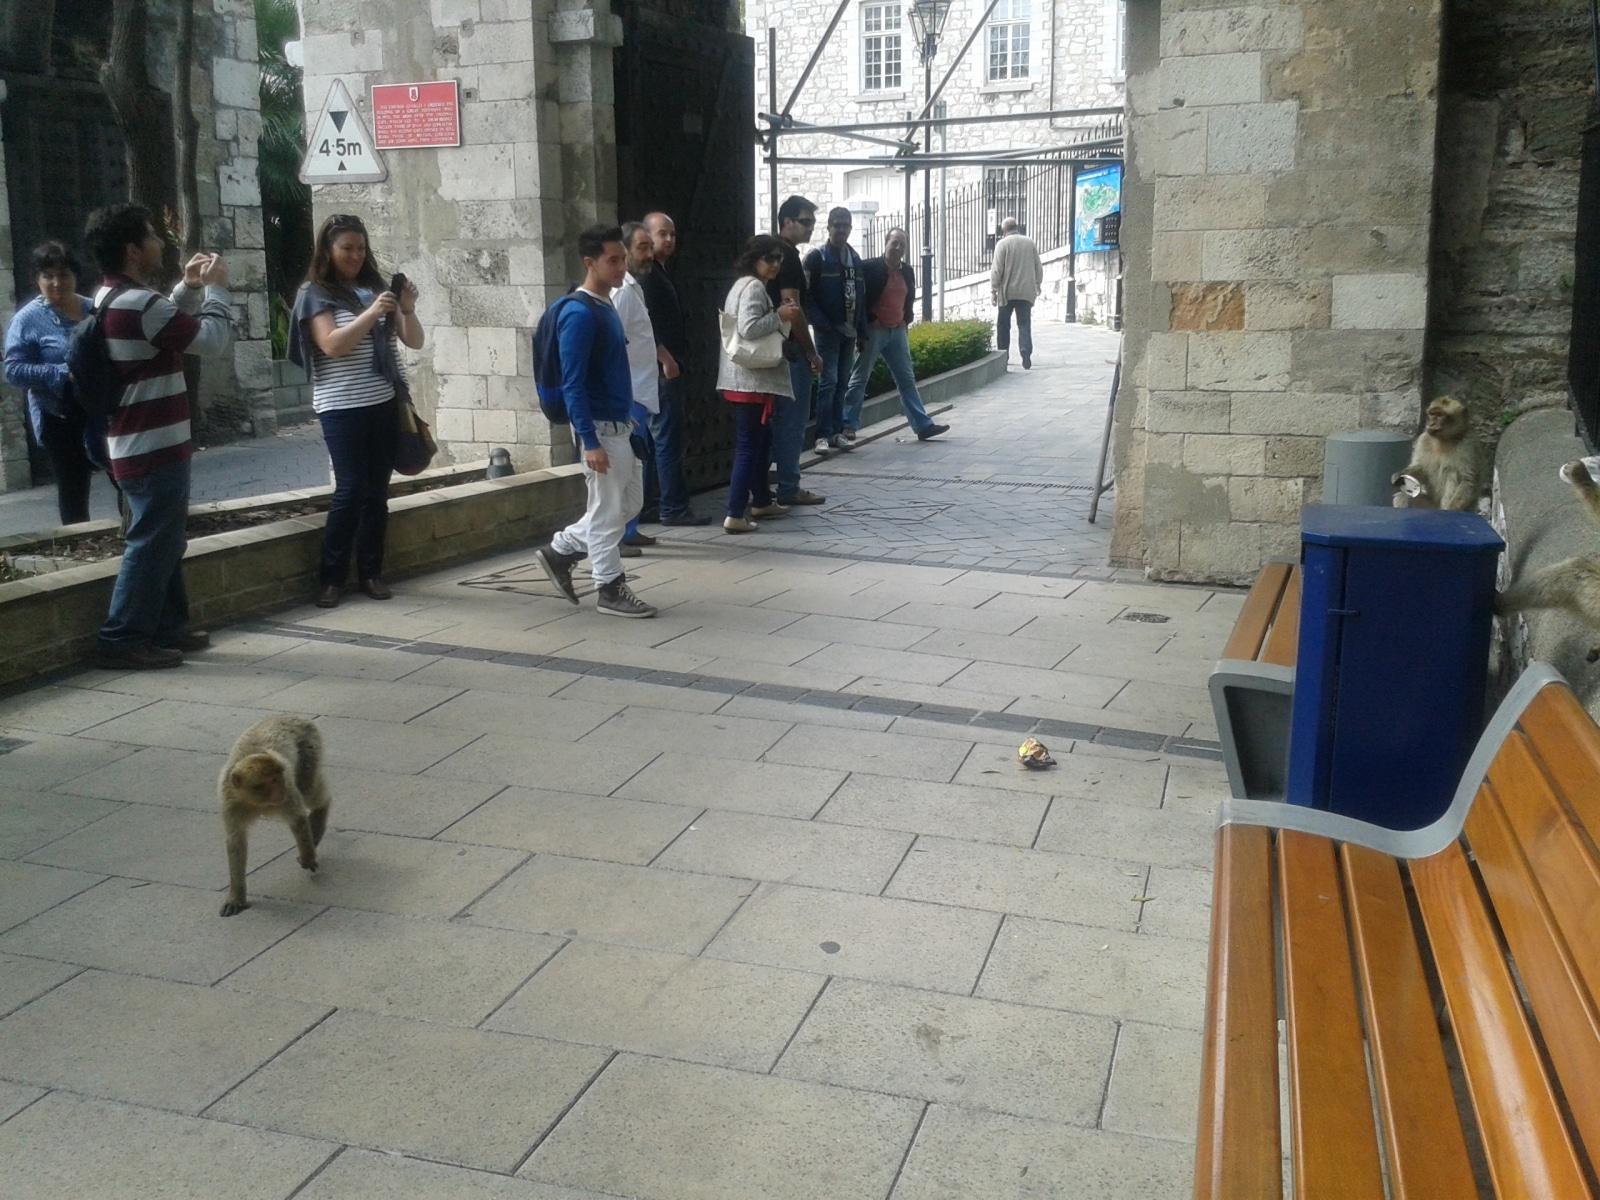 monos-en-la-ciudad-08_9225086836_o